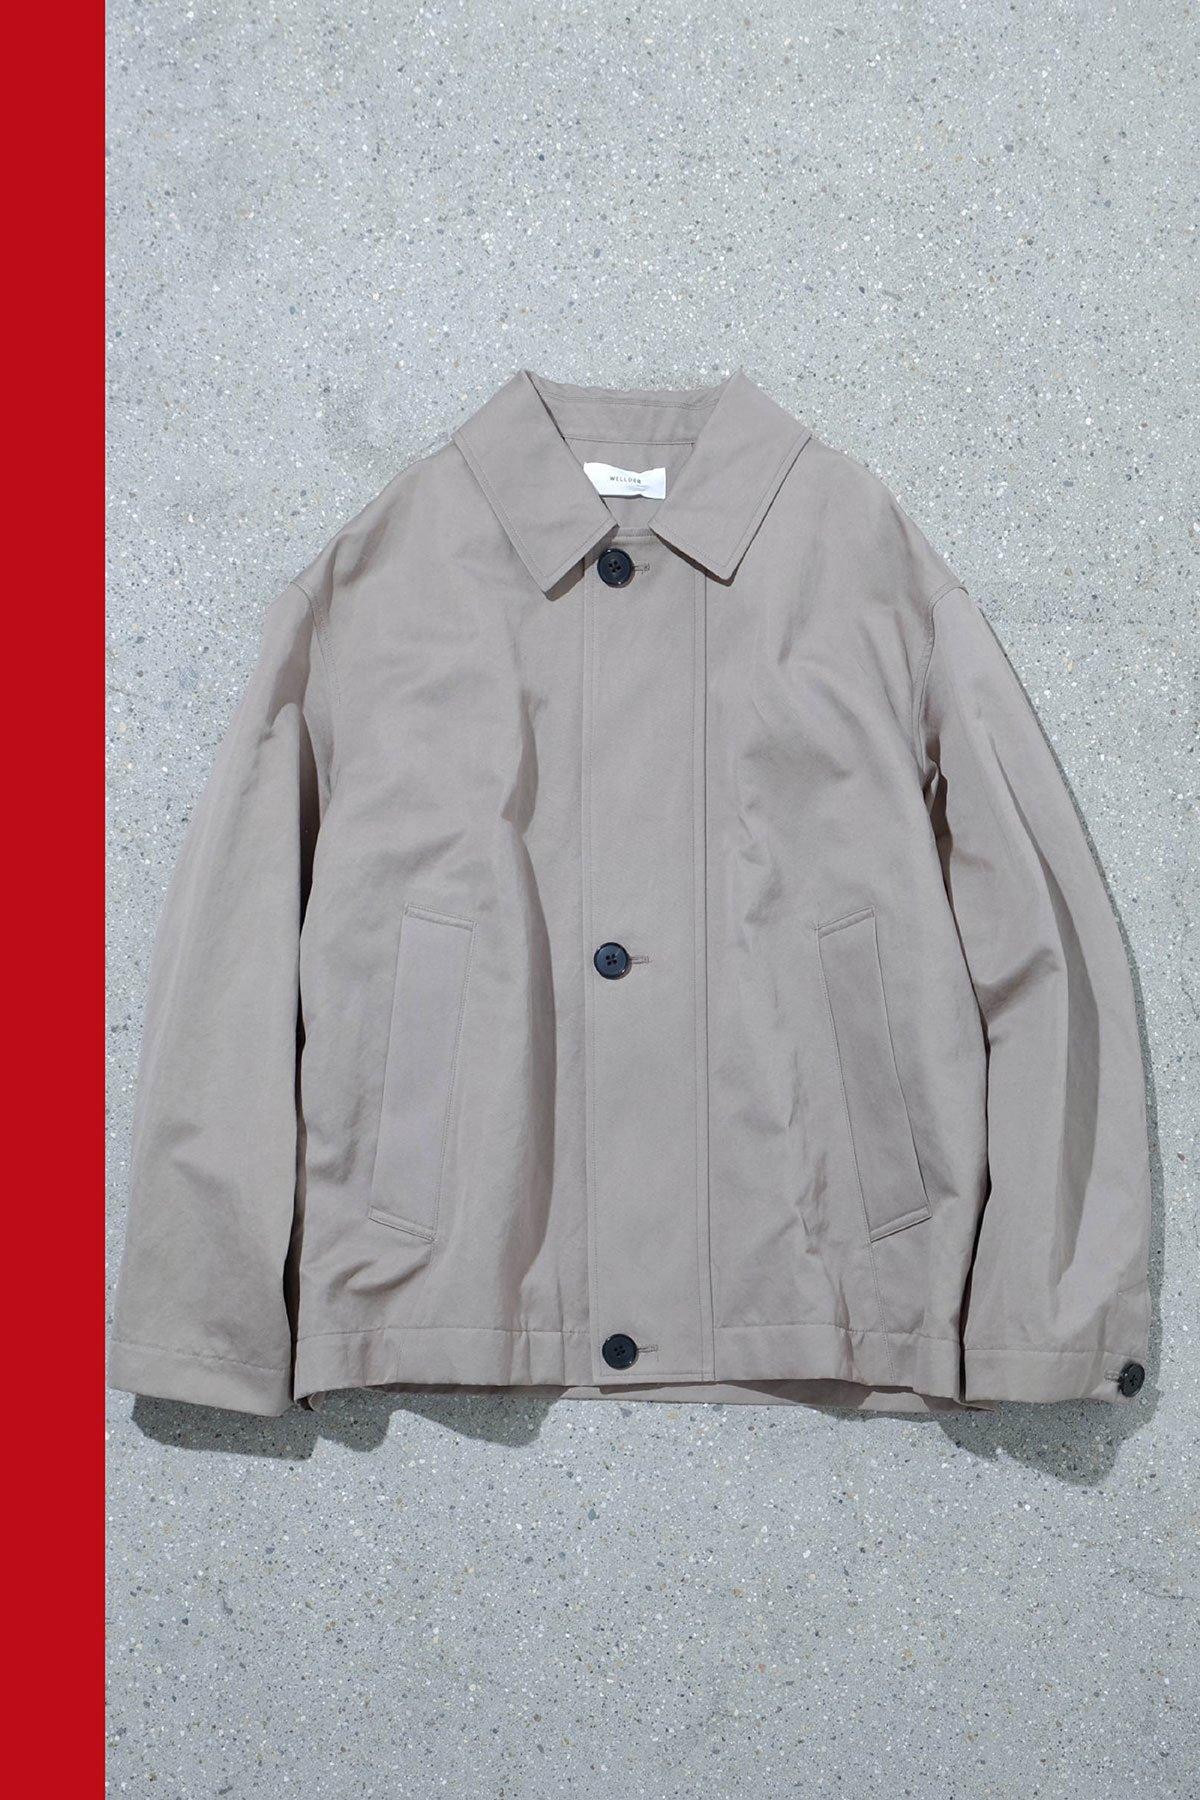 WELLDER / Deck Jacket Sling